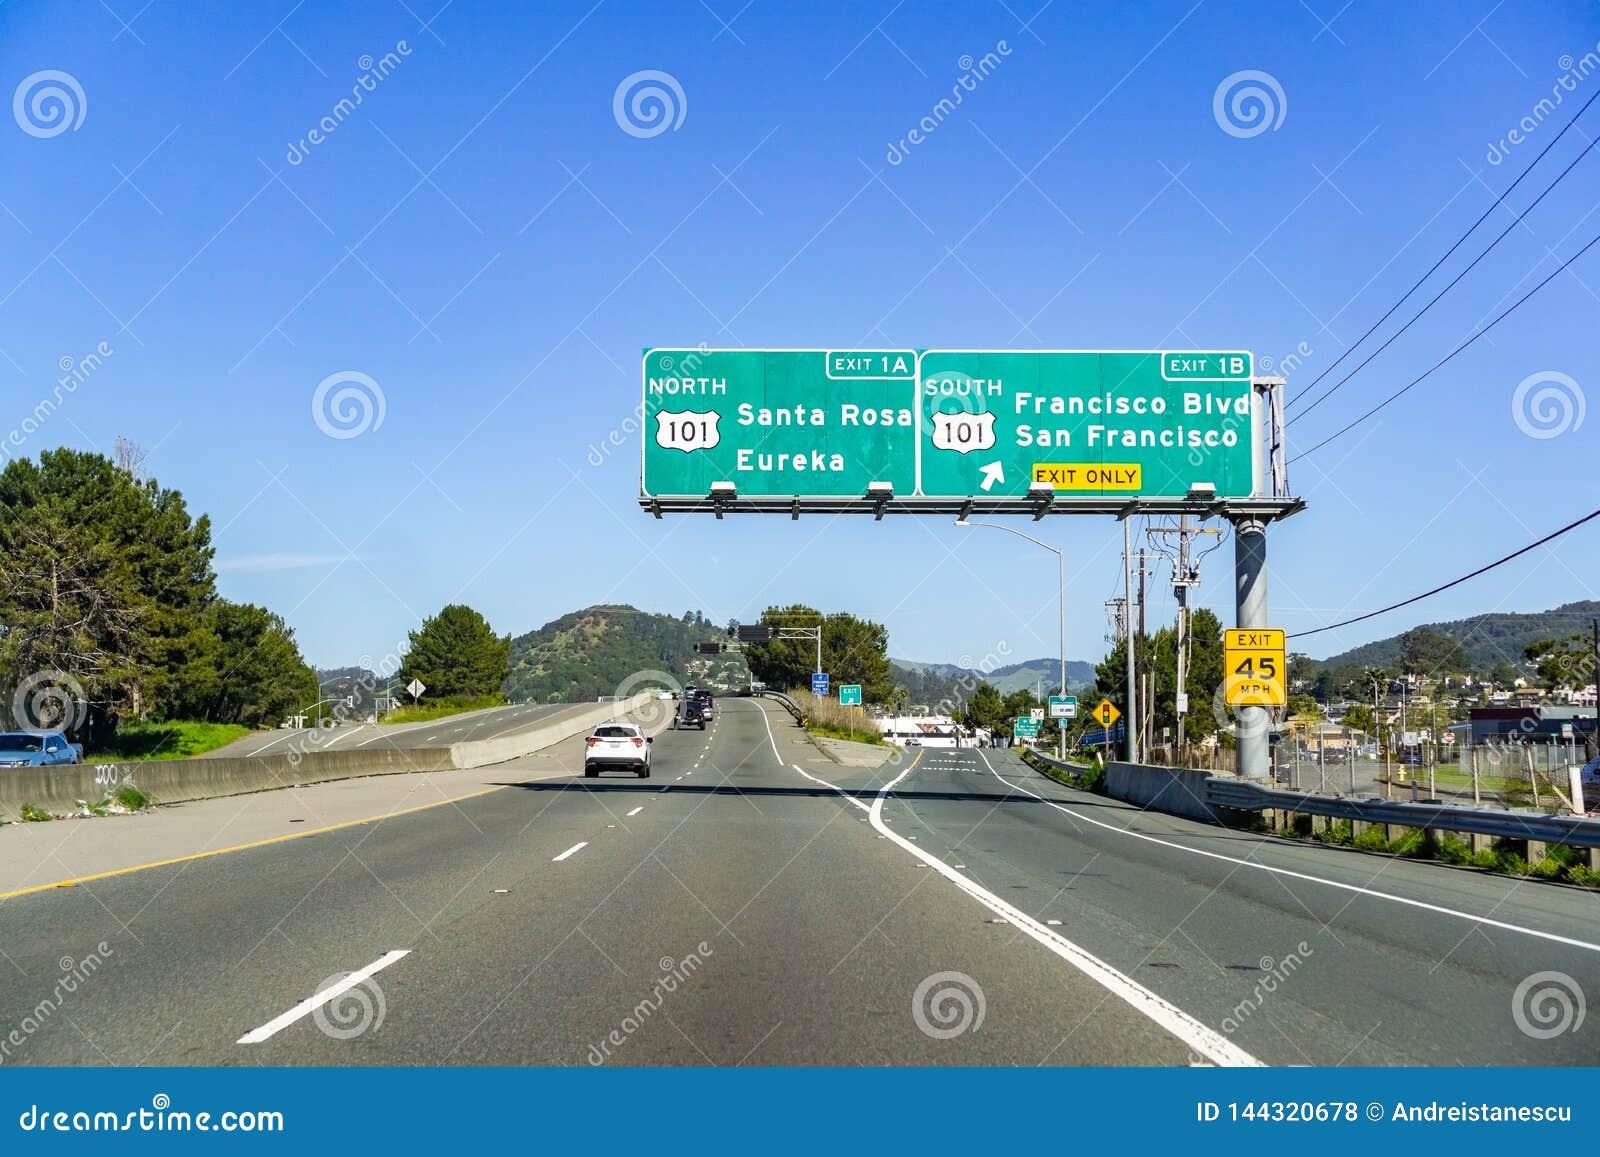 31 mars 2019 San Rafael/CA/Etats-Unis - voyageant sur l autoroute vers la vallée de Sonoma, région de San Francisco Bay du nord